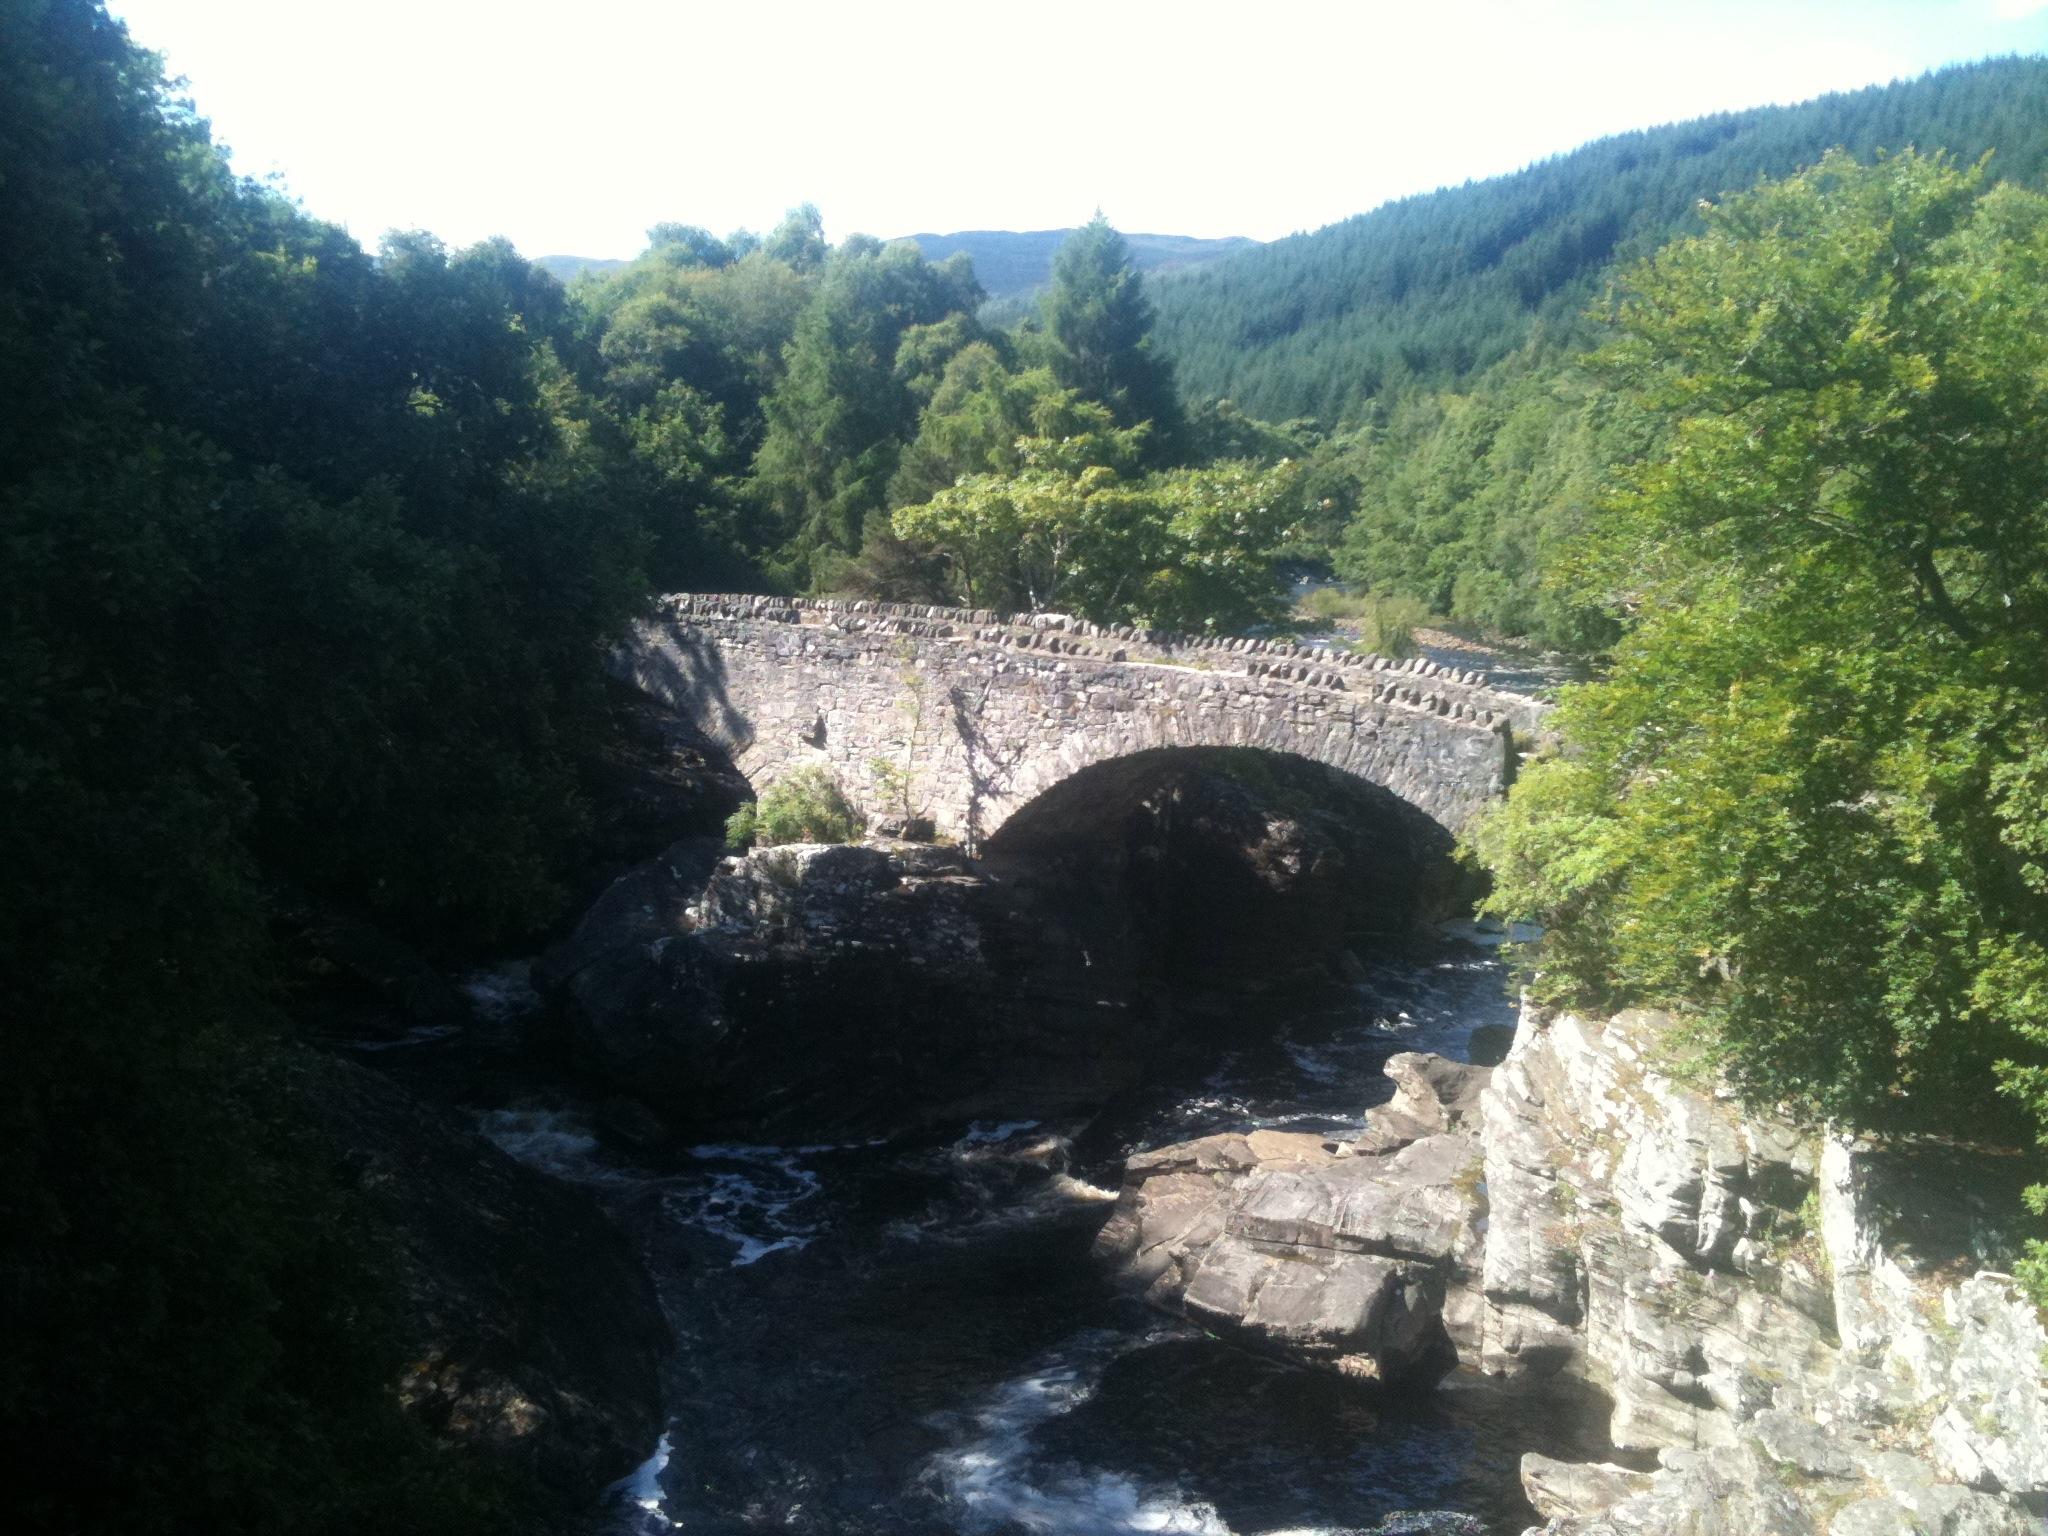 The bridge at Invermoriston